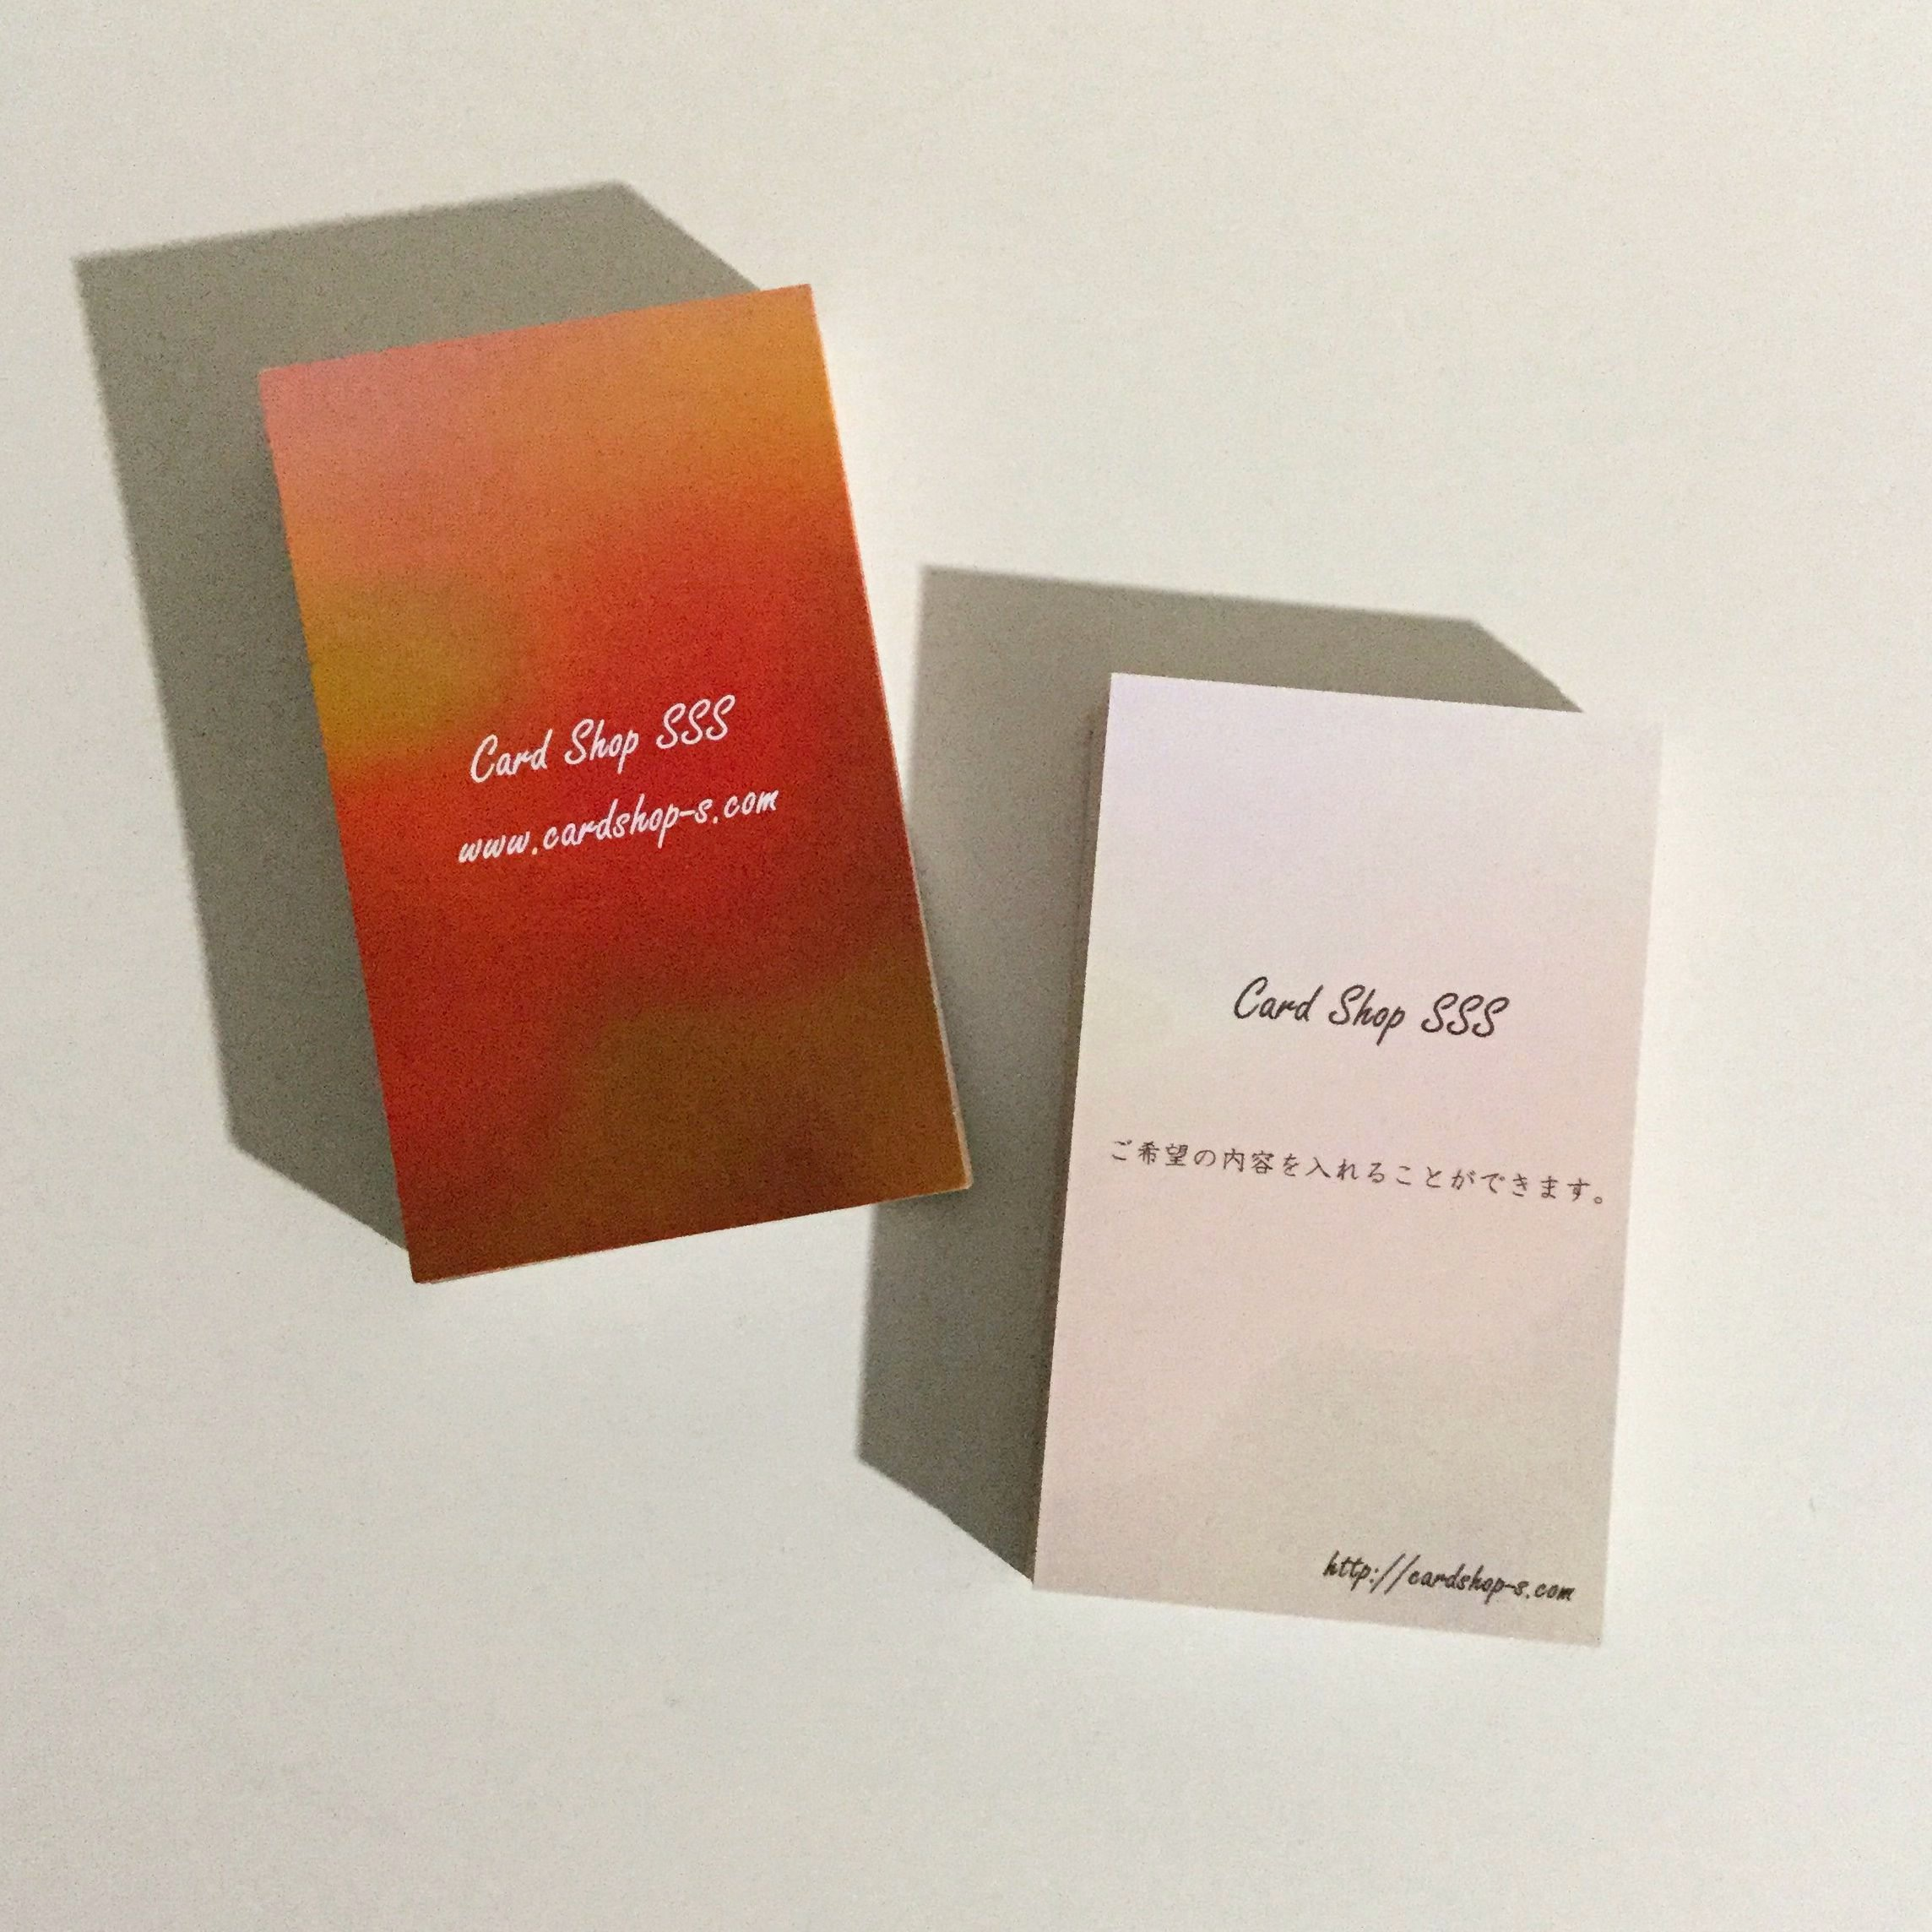 50d2_free【100枚】カスタマイズ名刺【ショップカード】